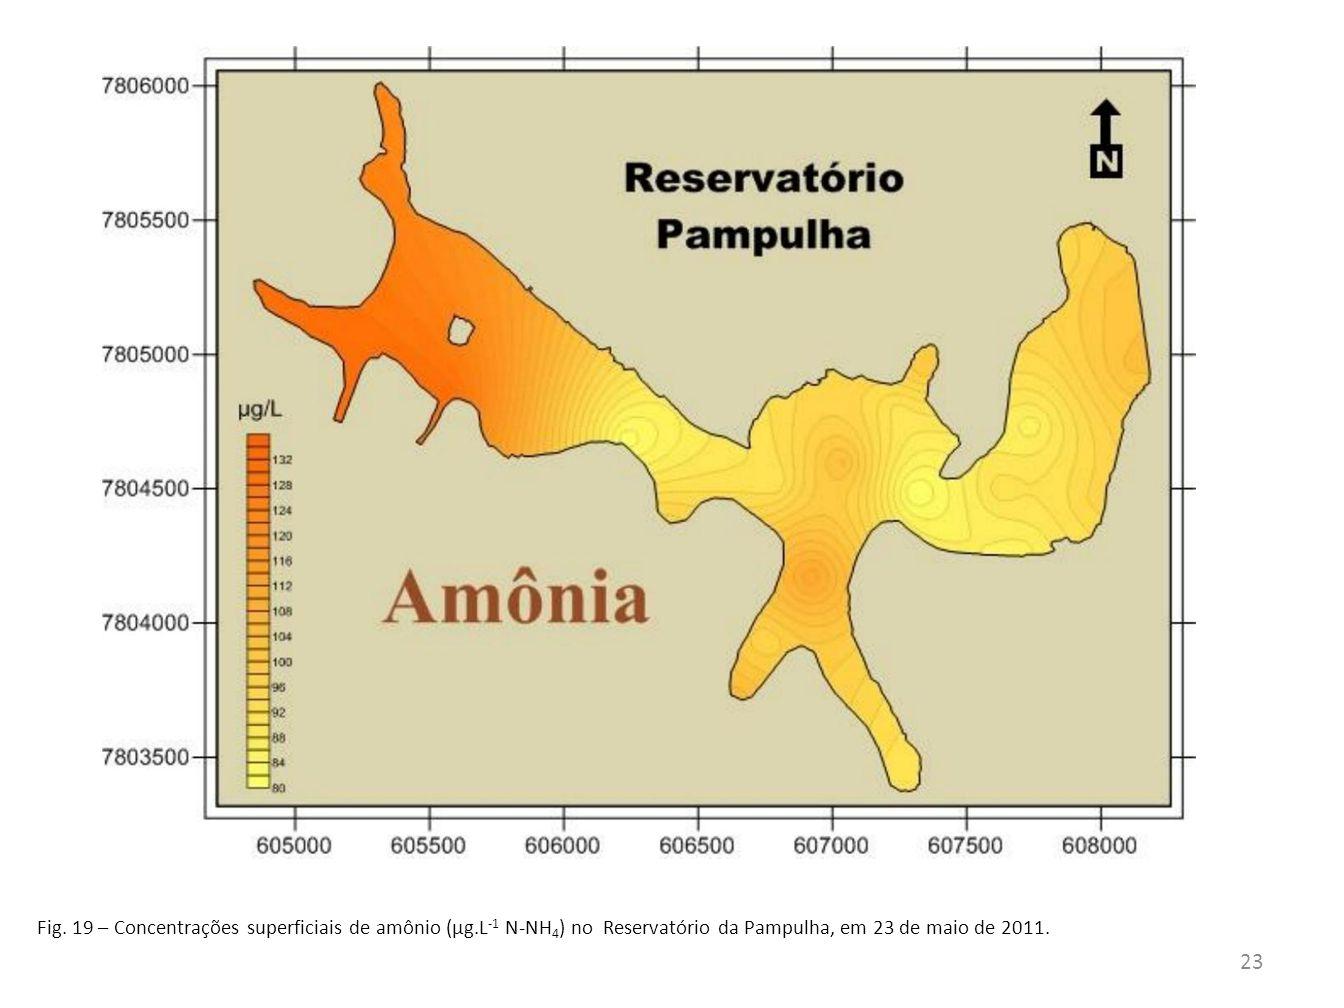 Fig. 19 – Concentrações superficiais de amônio (µg